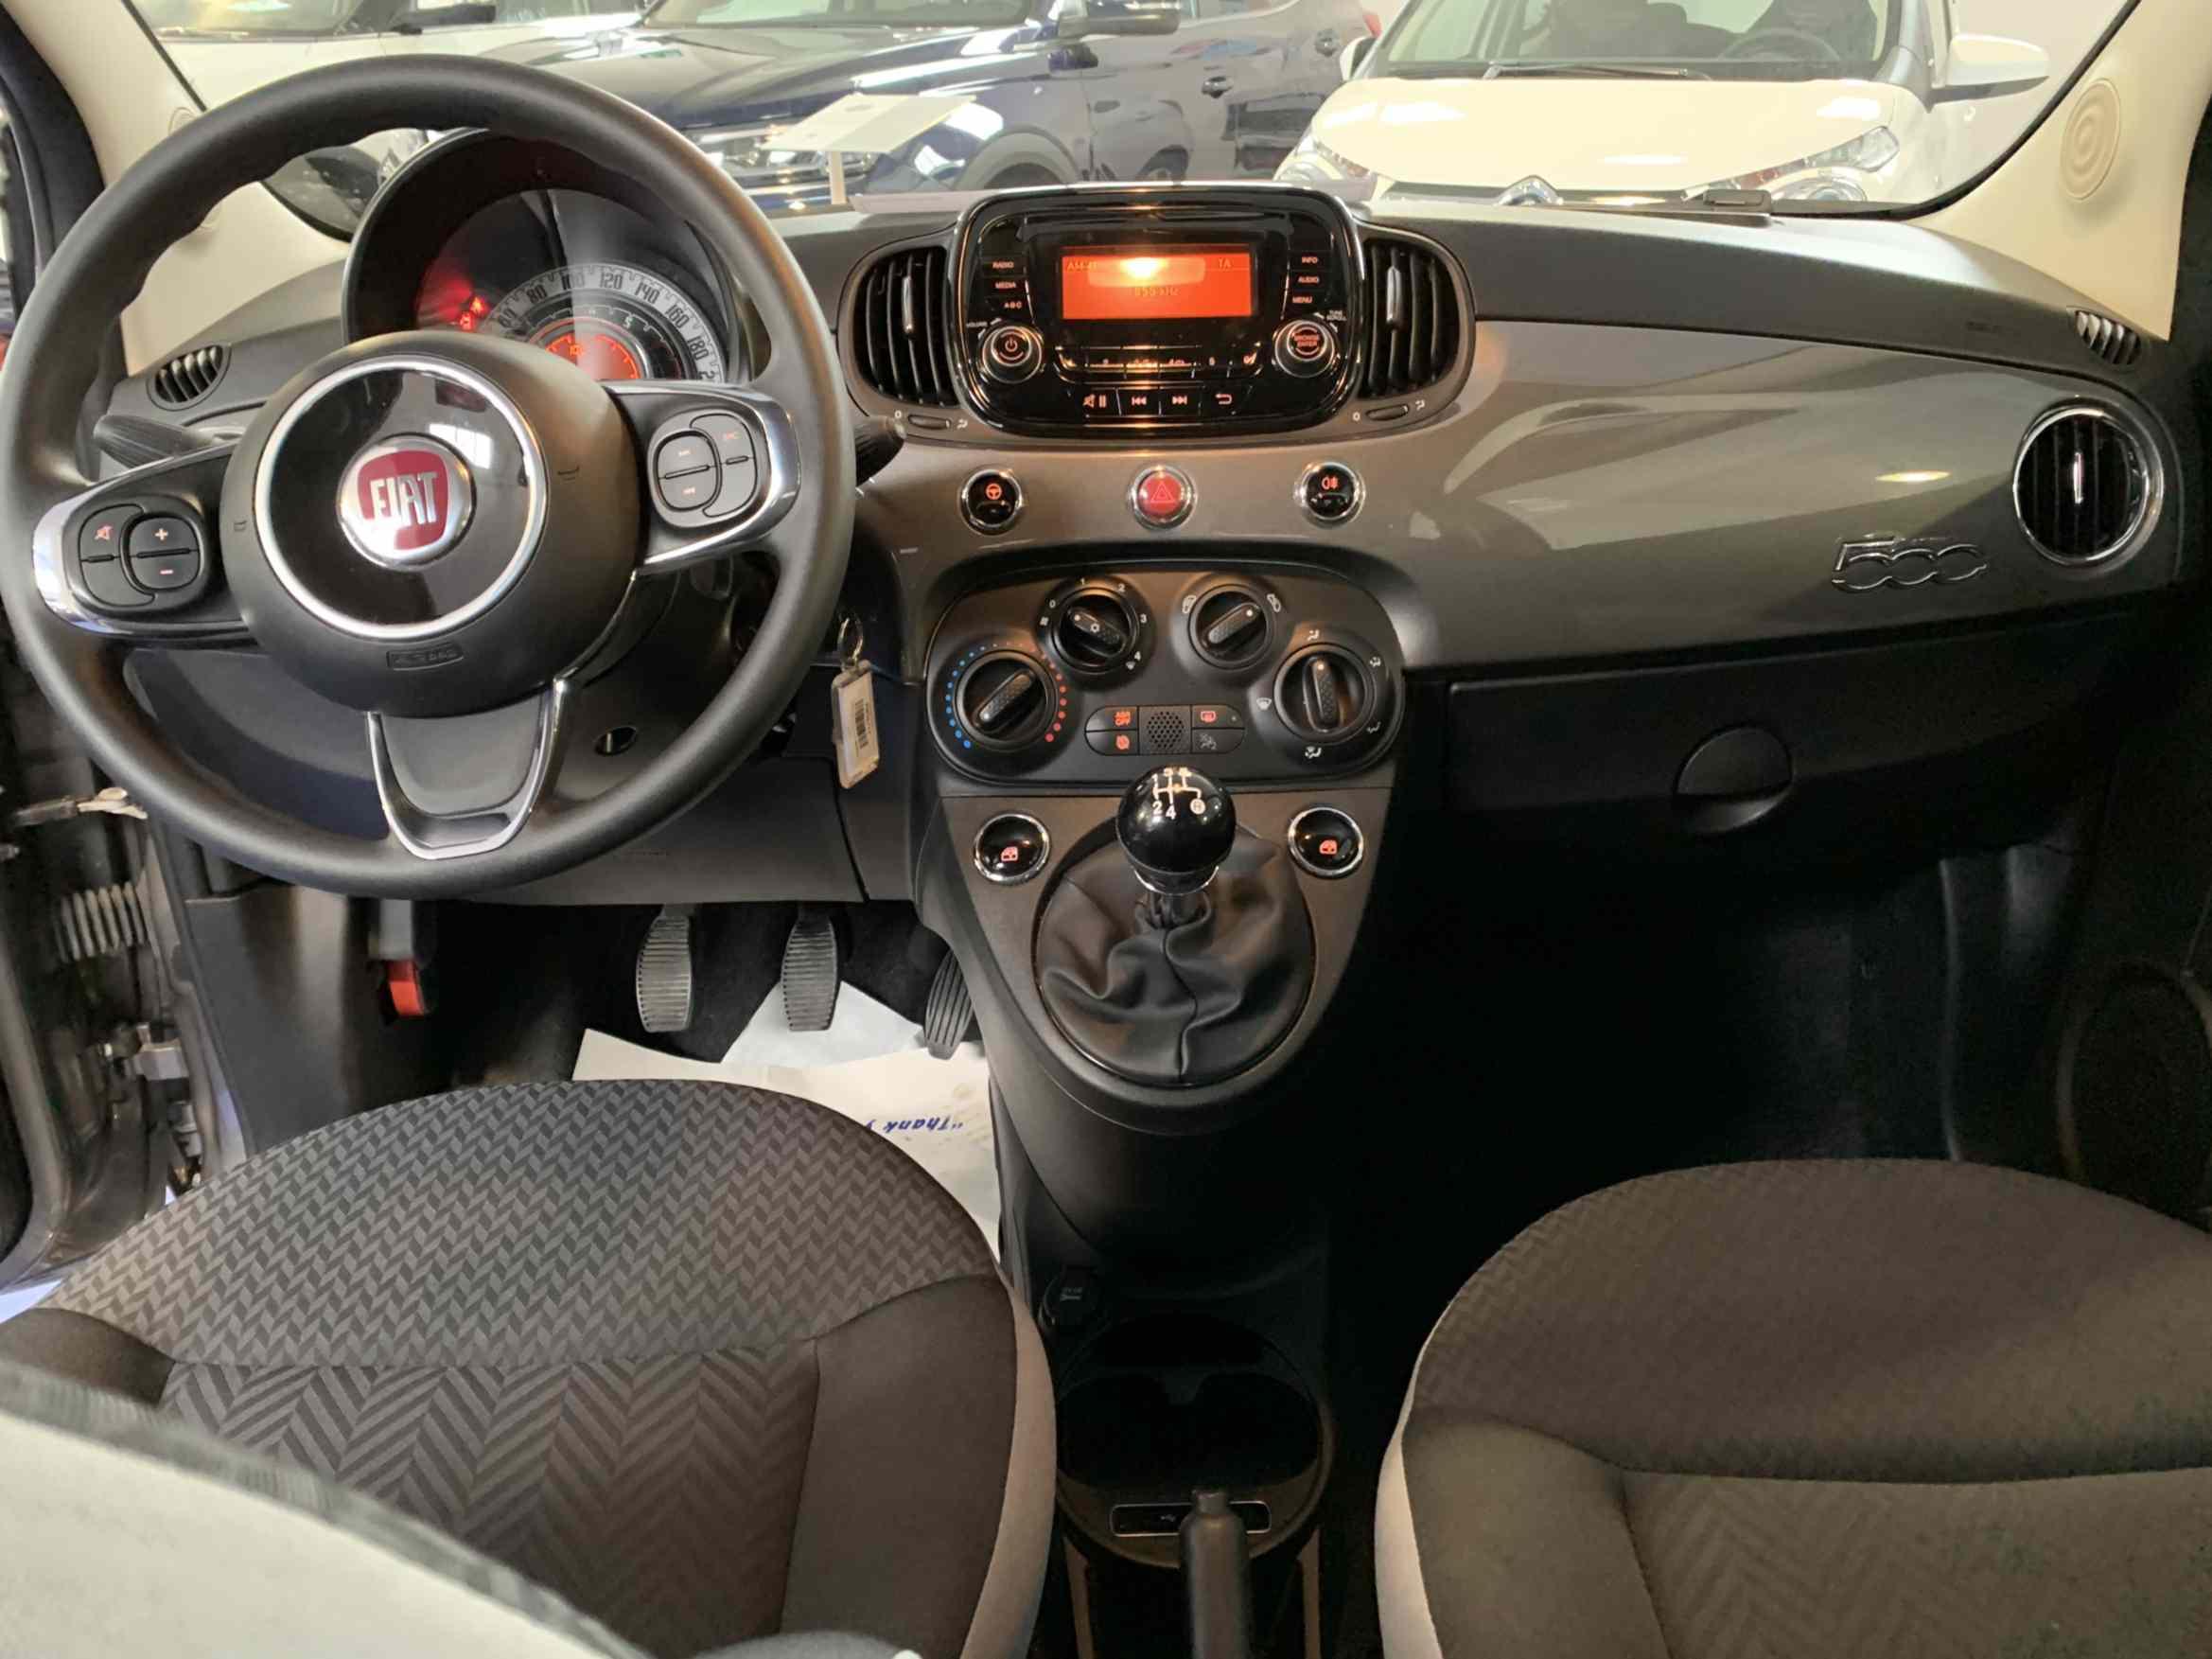 premium_vendita_auto_enna_sicilia_37